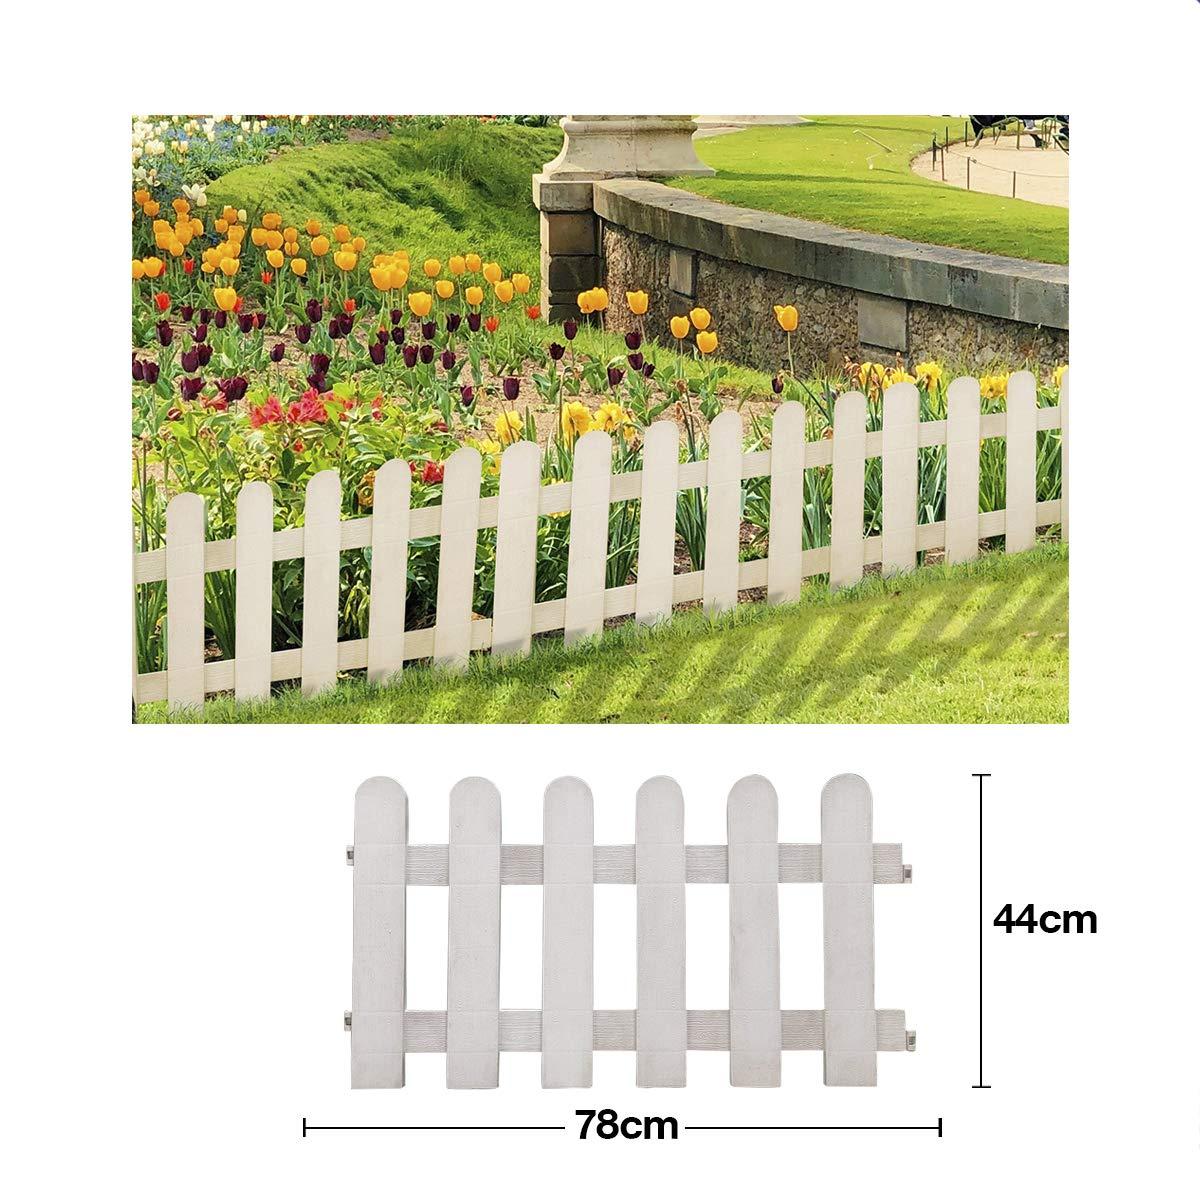 Comercial Candela Valla para Jardín Plástico PVC Diseño Granja para Decoración y Proteger los Bordes del Césped, Patio o Jardineras en Tierra 4 Unidades: Amazon.es: Jardín